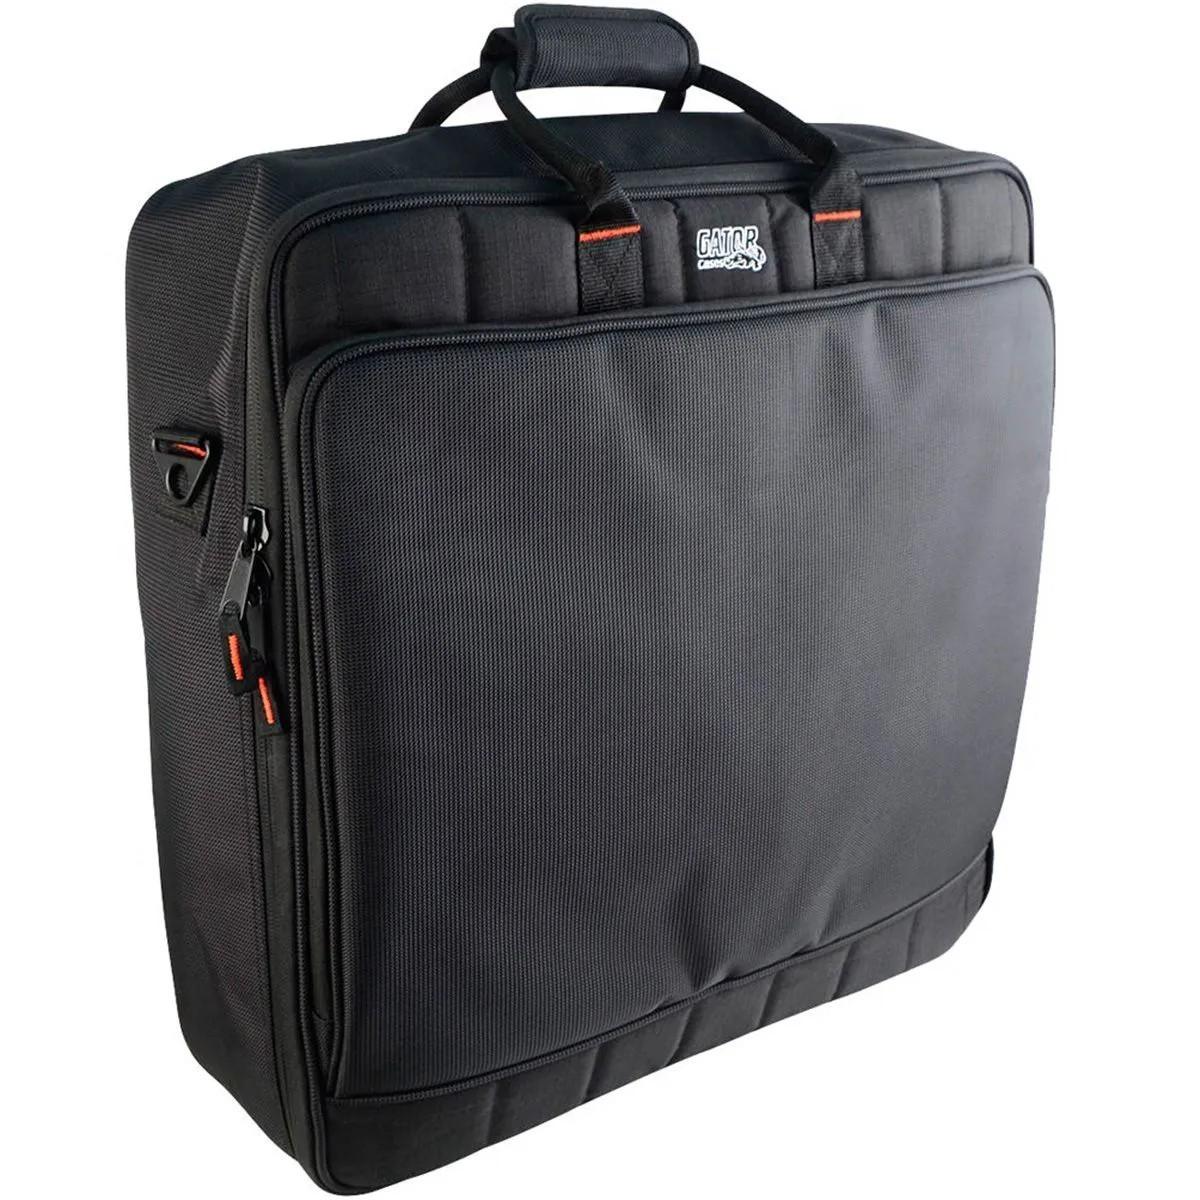 Bag Gator G-MIX-B 2020 com Alça Ajustavel para Mixer 20